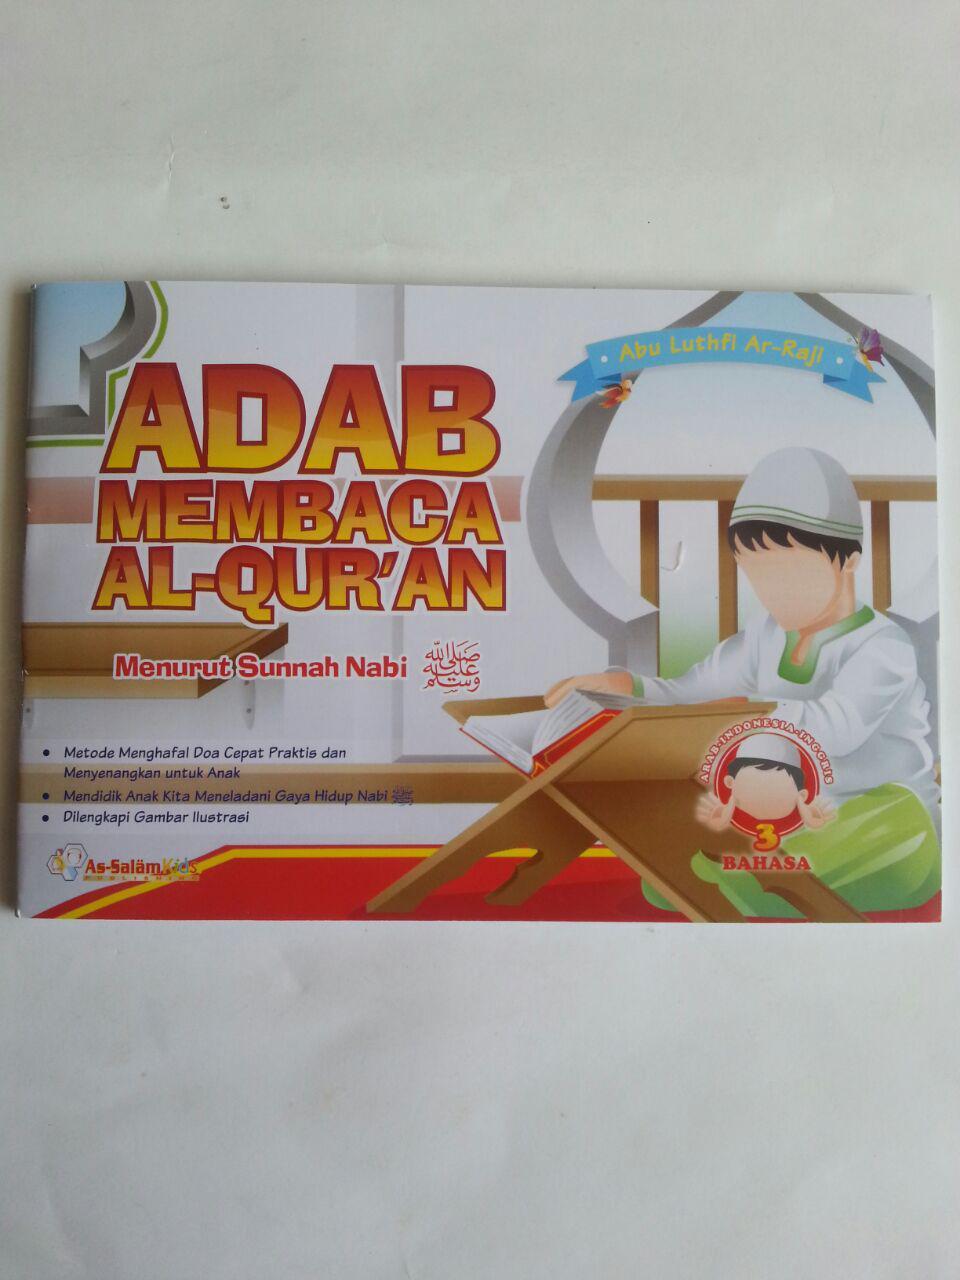 Buku Anak Adab Membaca Al-Qur'an menurut Sunnah Nabi cover 2